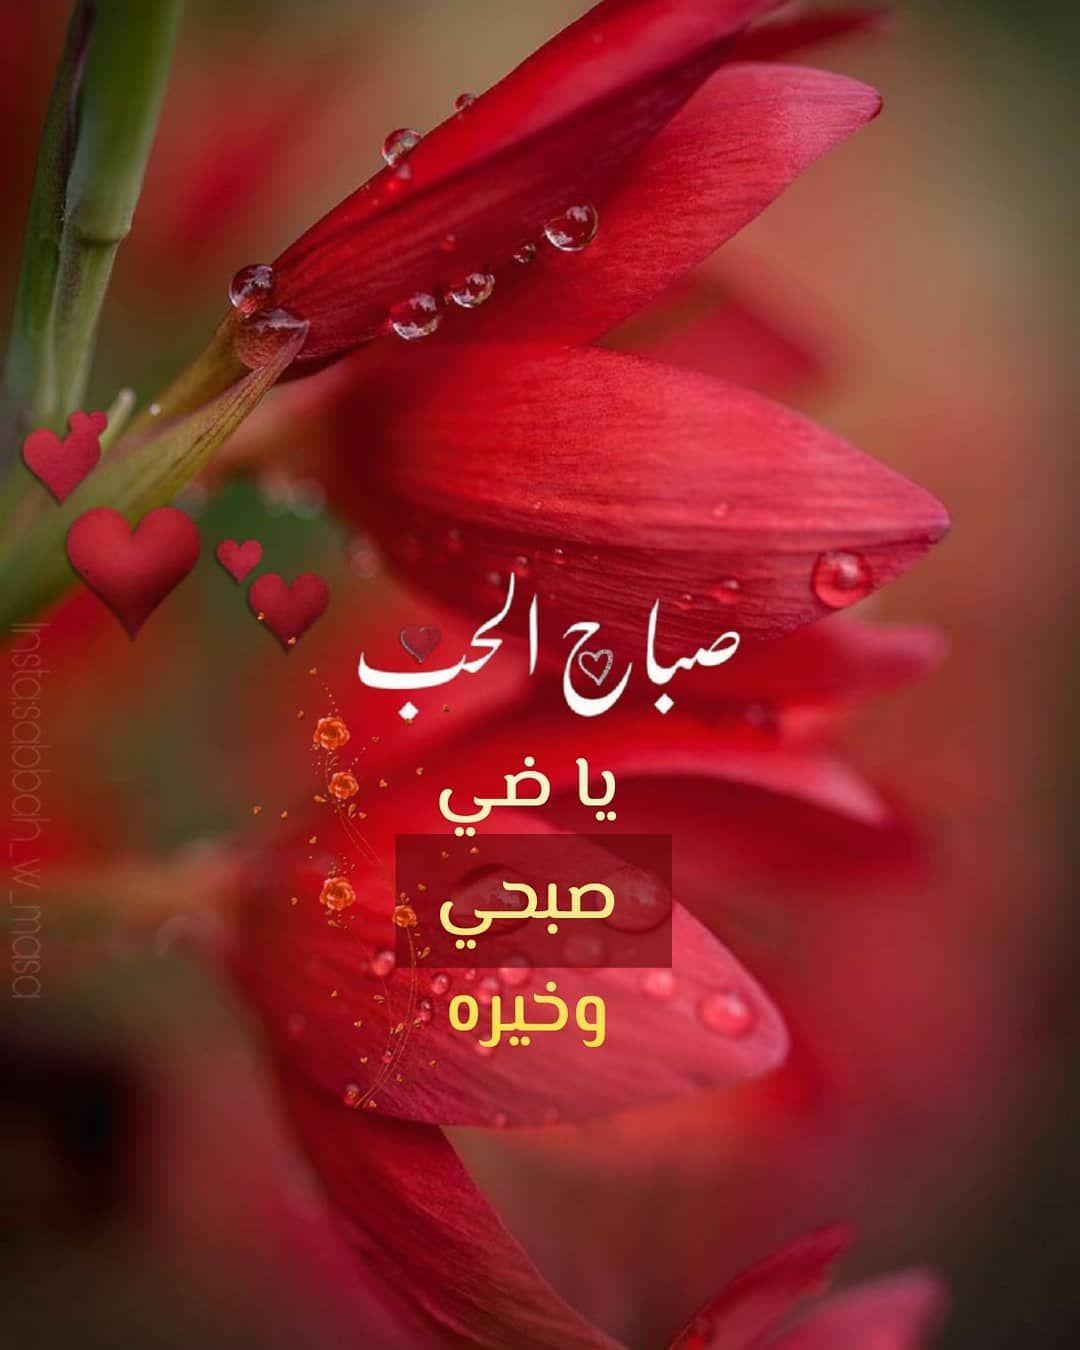 صبح و مساء On Instagram صباح الحب صباح الورد صباحيات صبح صباح صباحو صبح Good Morning Gif Good Morning Images Flowers Morning Images